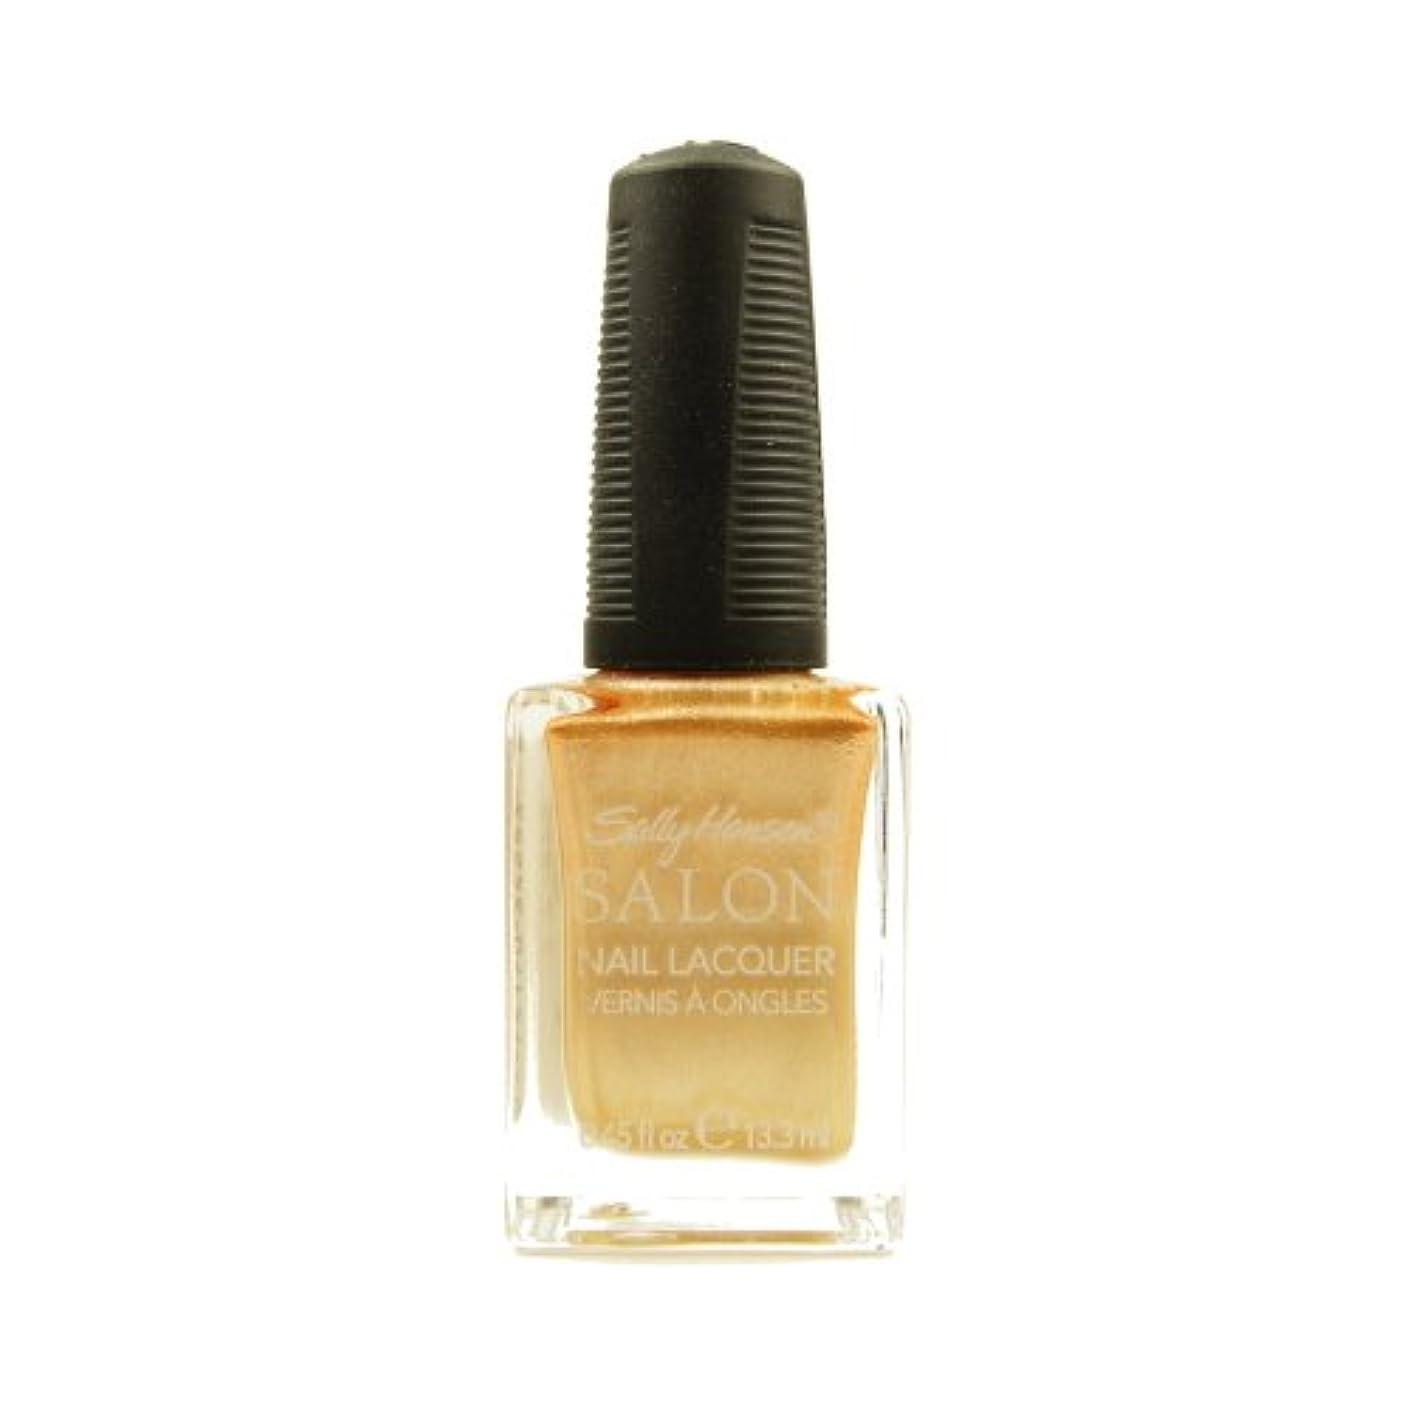 眼ブリリアント千(3 Pack) SALLY HANSEN Salon Nail Lacquer 4134 - Gilty Pleasure (並行輸入品)